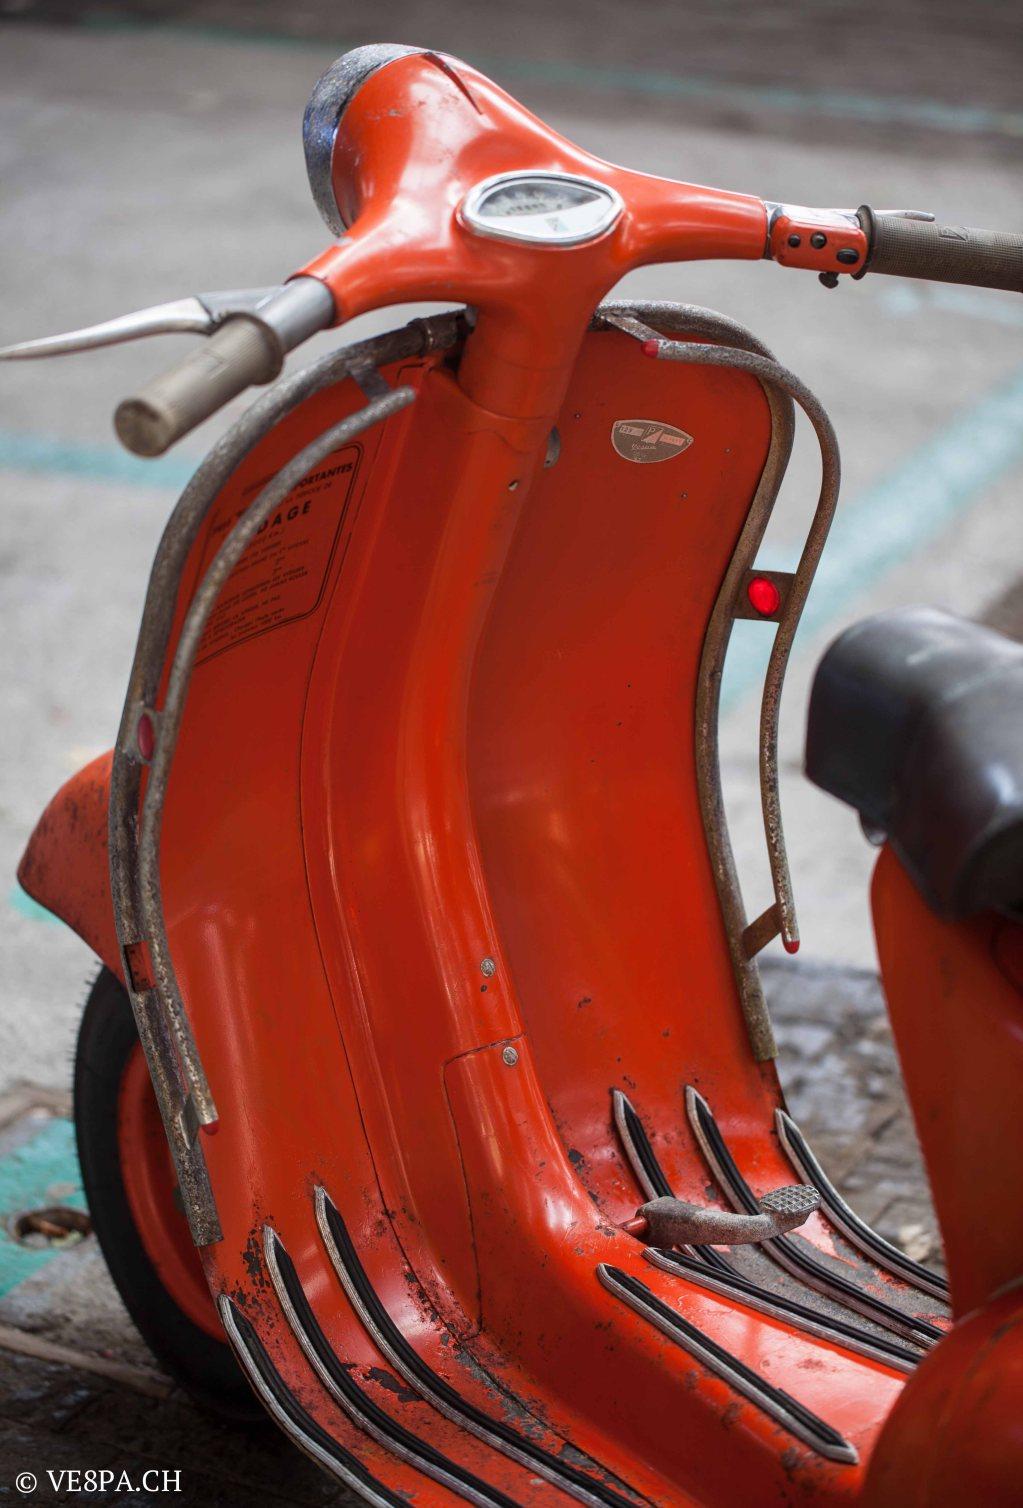 Vespa ACMA Typ N, 1960, 9535 KM, O-Lack, www.VE8PA.CH-47